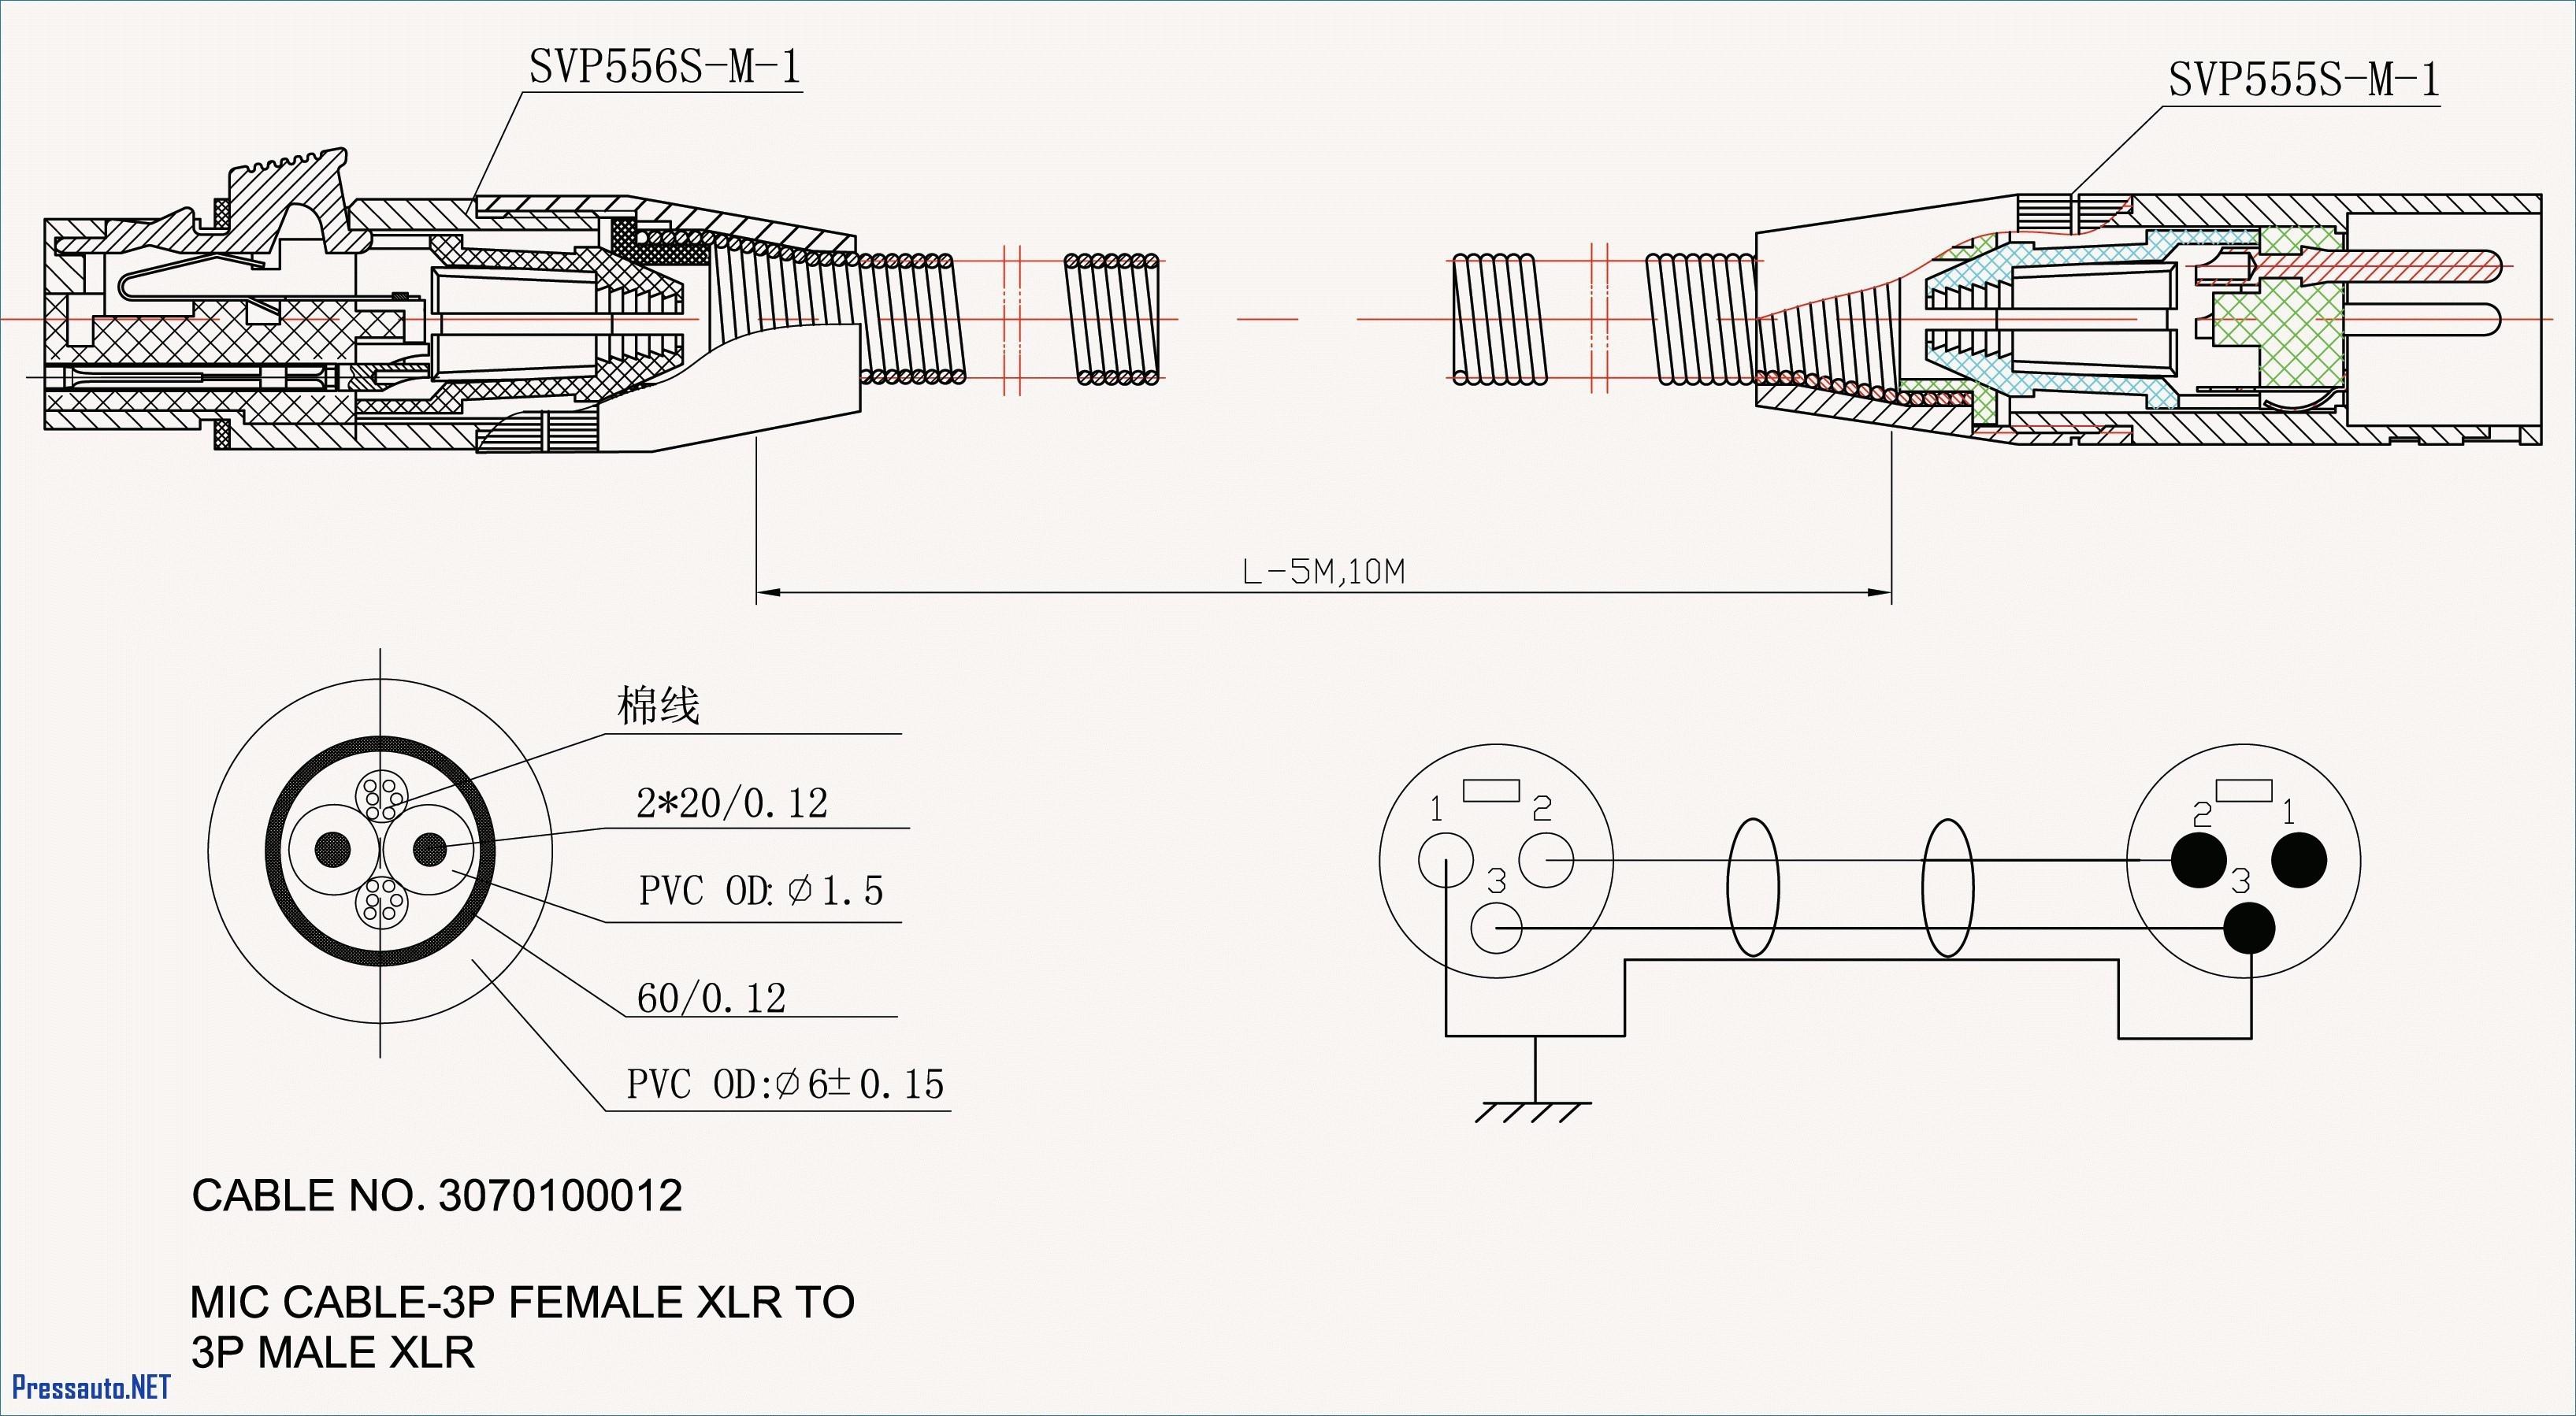 Ka24de Engine Diagram Hatz Diesel Engine Wiring Diagram Schematics Wiring Diagrams • Of Ka24de Engine Diagram